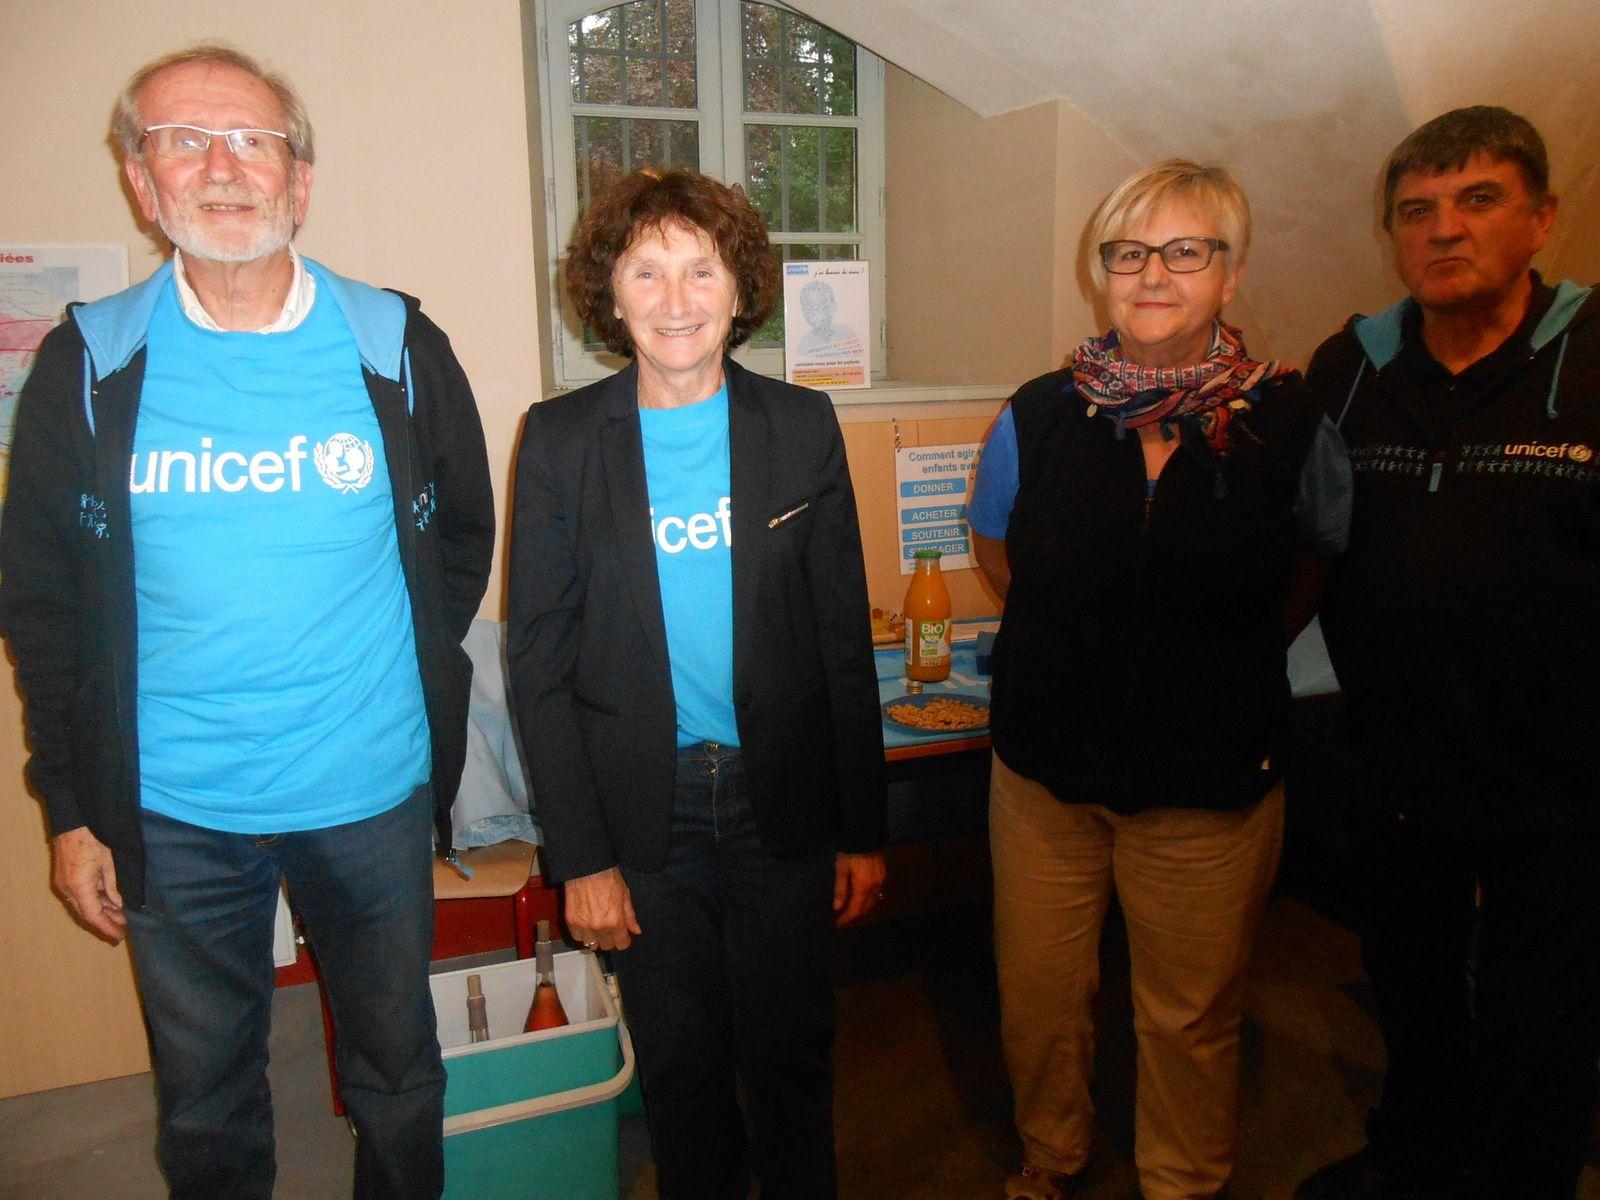 Jacques et Monique Fiey, les deux bénévoles de l'antenne méridionale de l'Unicef et Marc Jouve (et son épouse) président du Comité Unicef de Haute-Loire